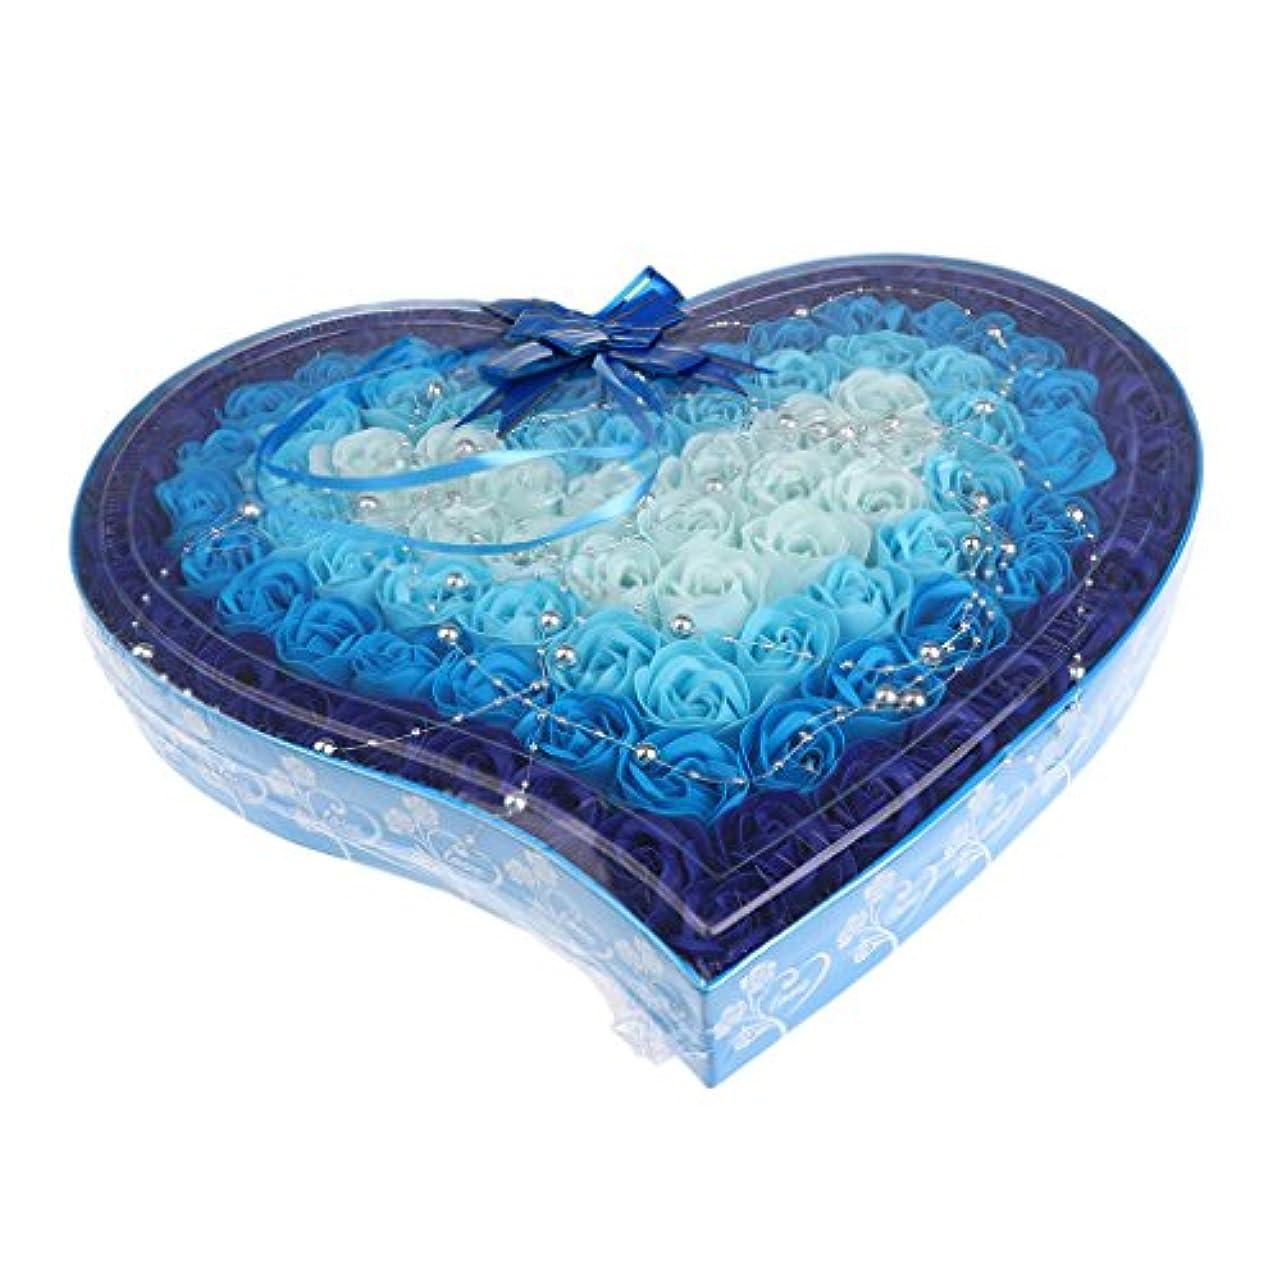 乱れカウント繊細Hellery 母の日のための100個の石鹸の花の心の形のギフトボックス - 青